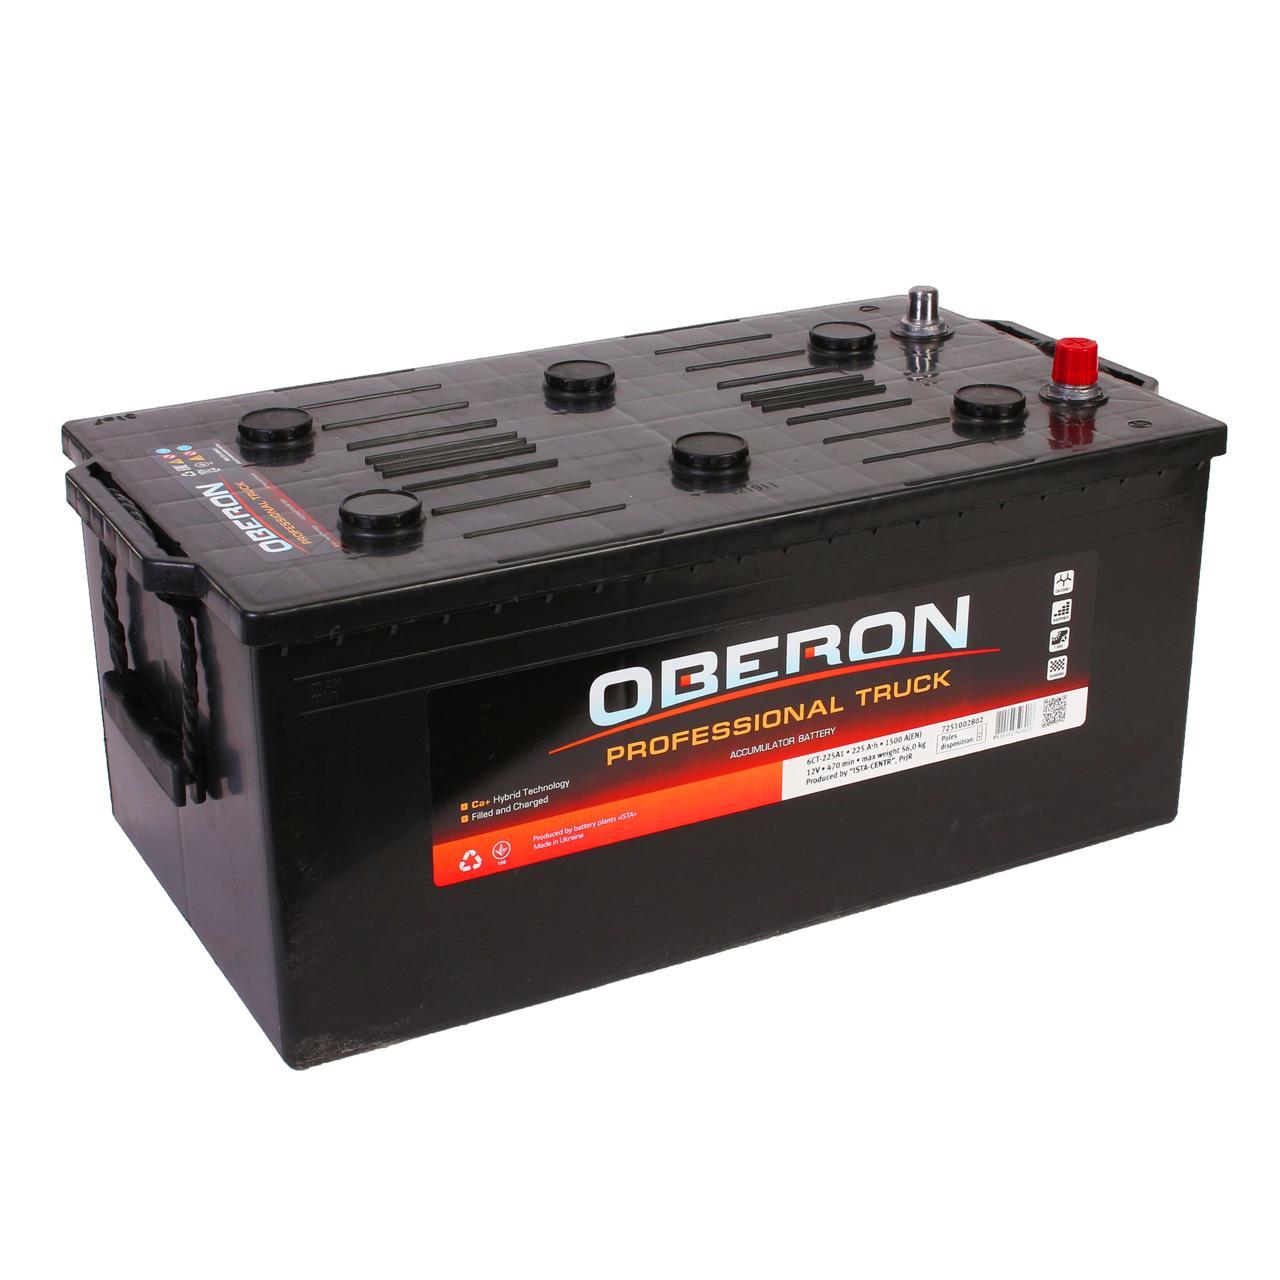 Аккумулятор автомобильный OBERON Professional Truck 6CT 225Ah, пусковой ток 1500А [+|–]